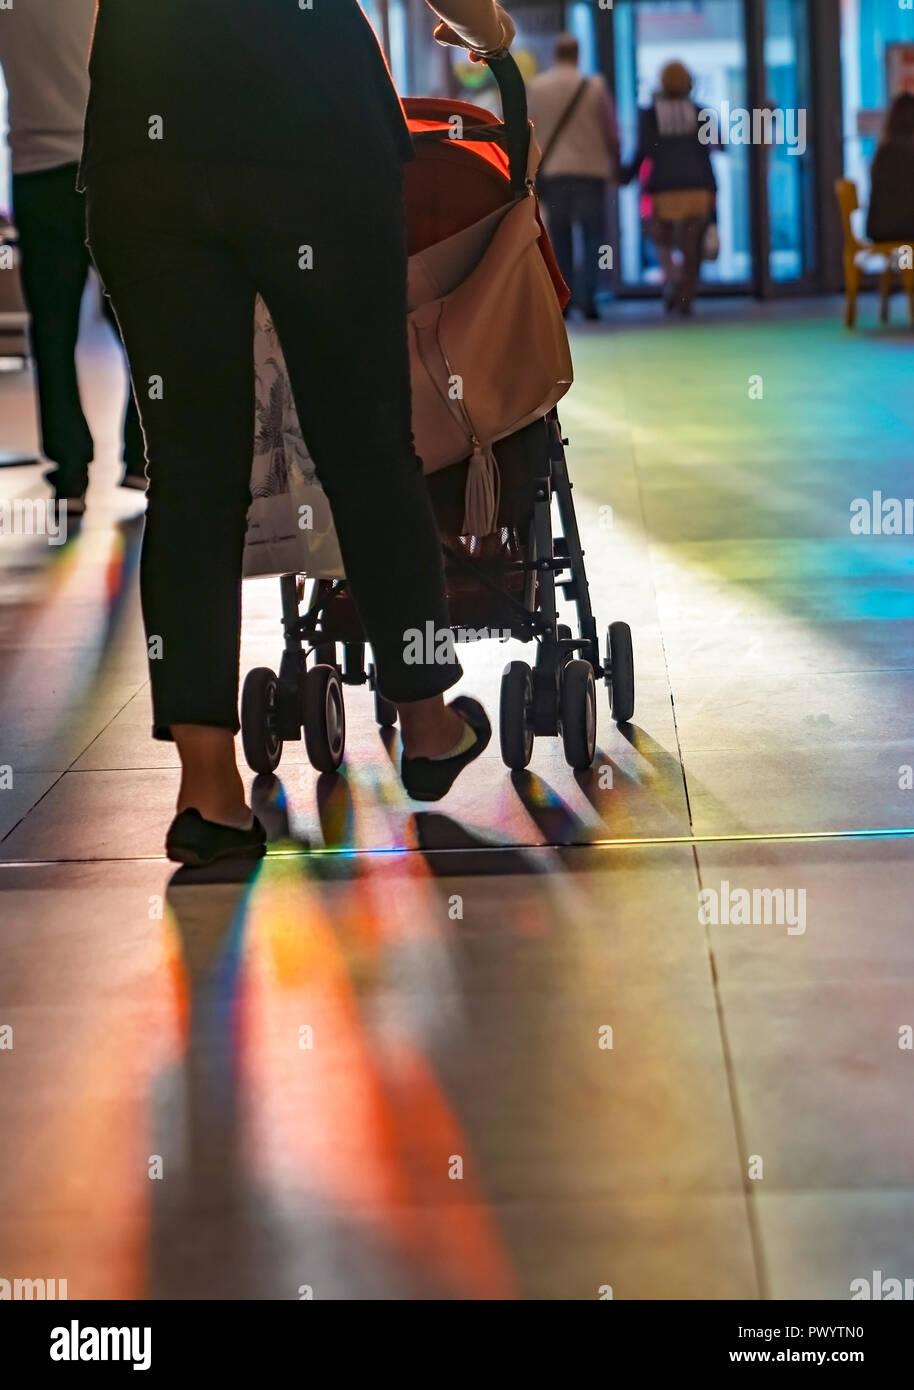 Giovane madre a piedi con bambino trasporto nel centro dello shopping, dal retro, serata di sole raggiungere al suo interno attraverso una porta a battente. Foto Stock